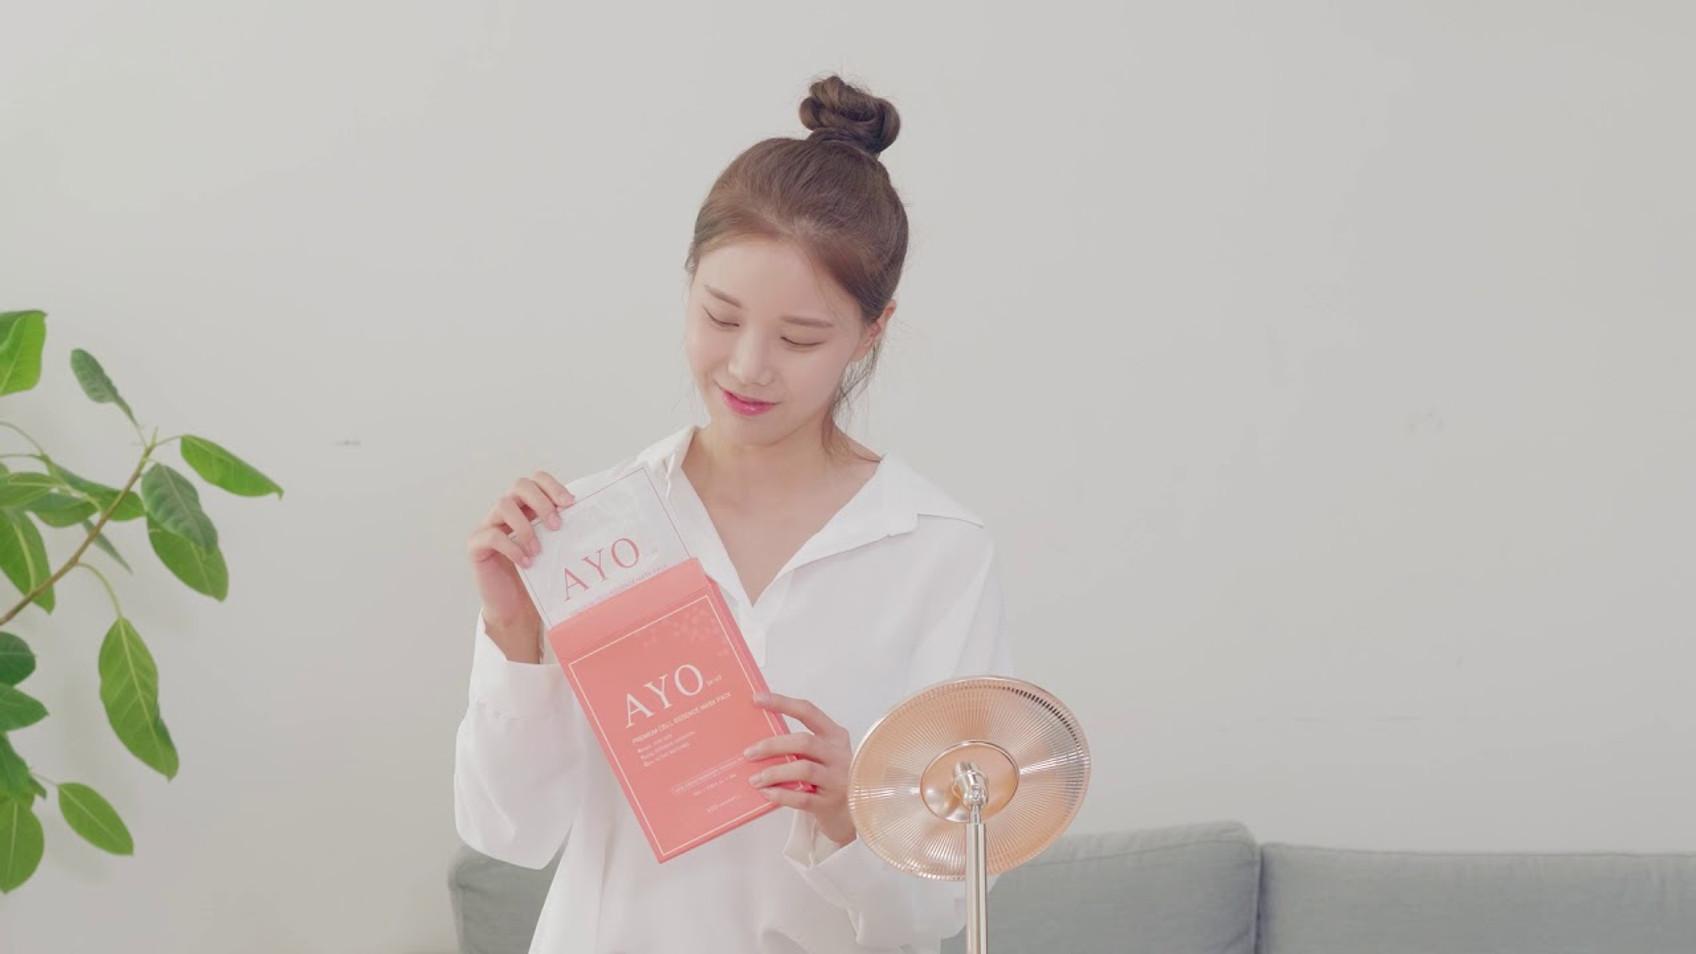 AYO Cosmetic